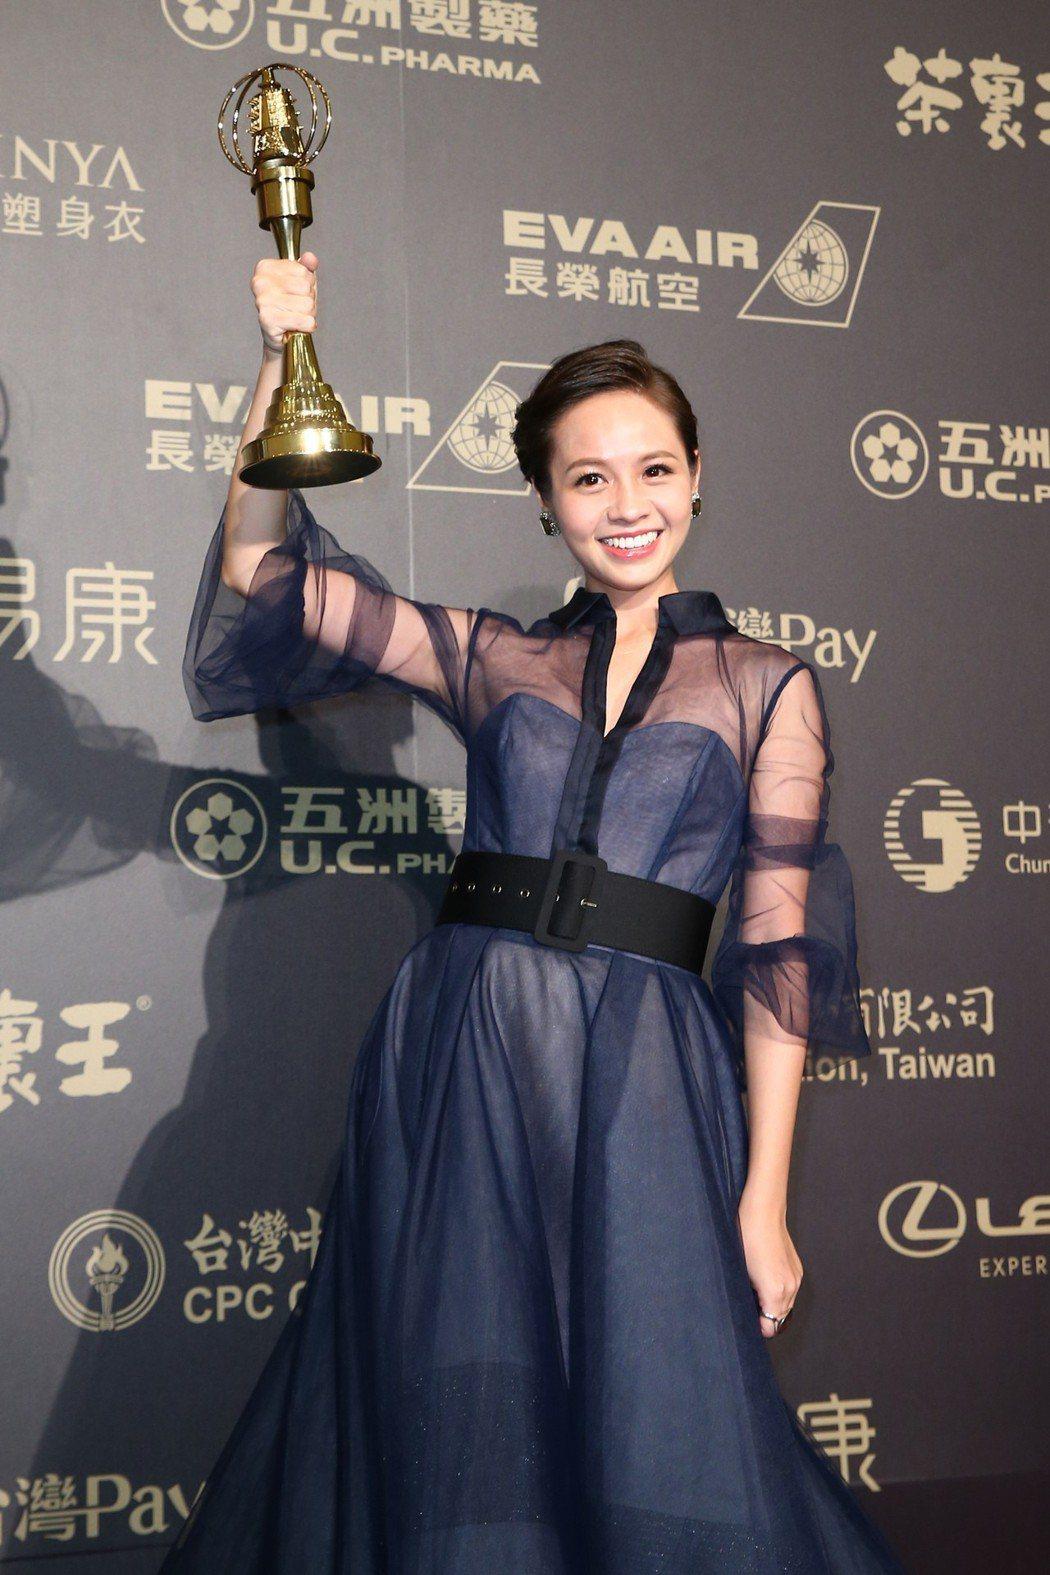 第五十三屆金鐘獎,黃姵嘉獲戲劇節目女主角獎。記者王騰毅/攝影